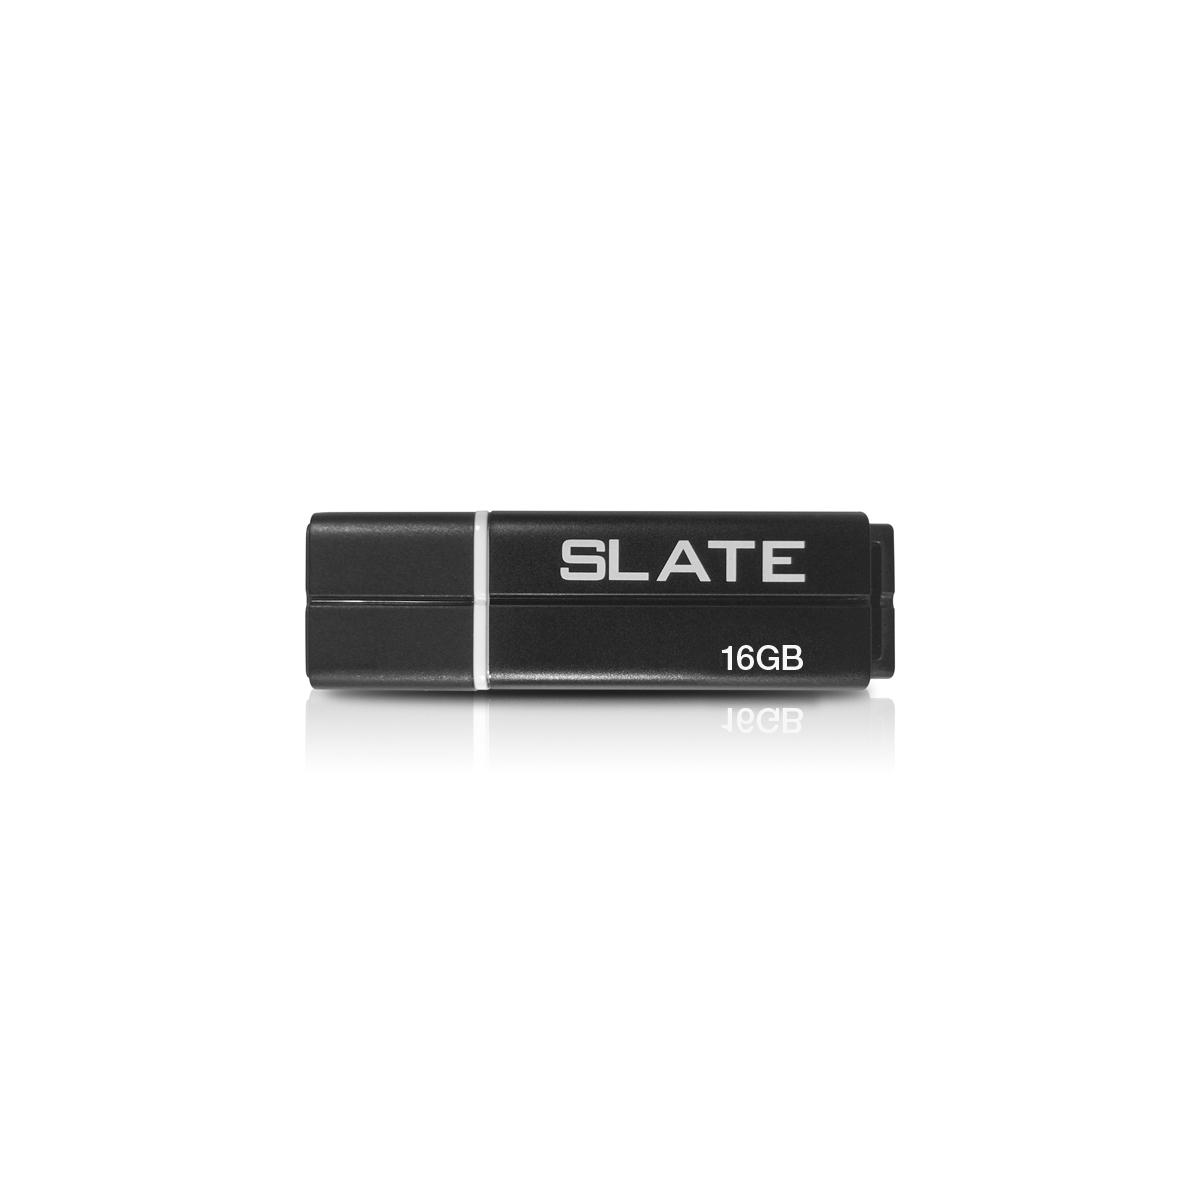 16GB Patriot Slate USB 3.0 černý